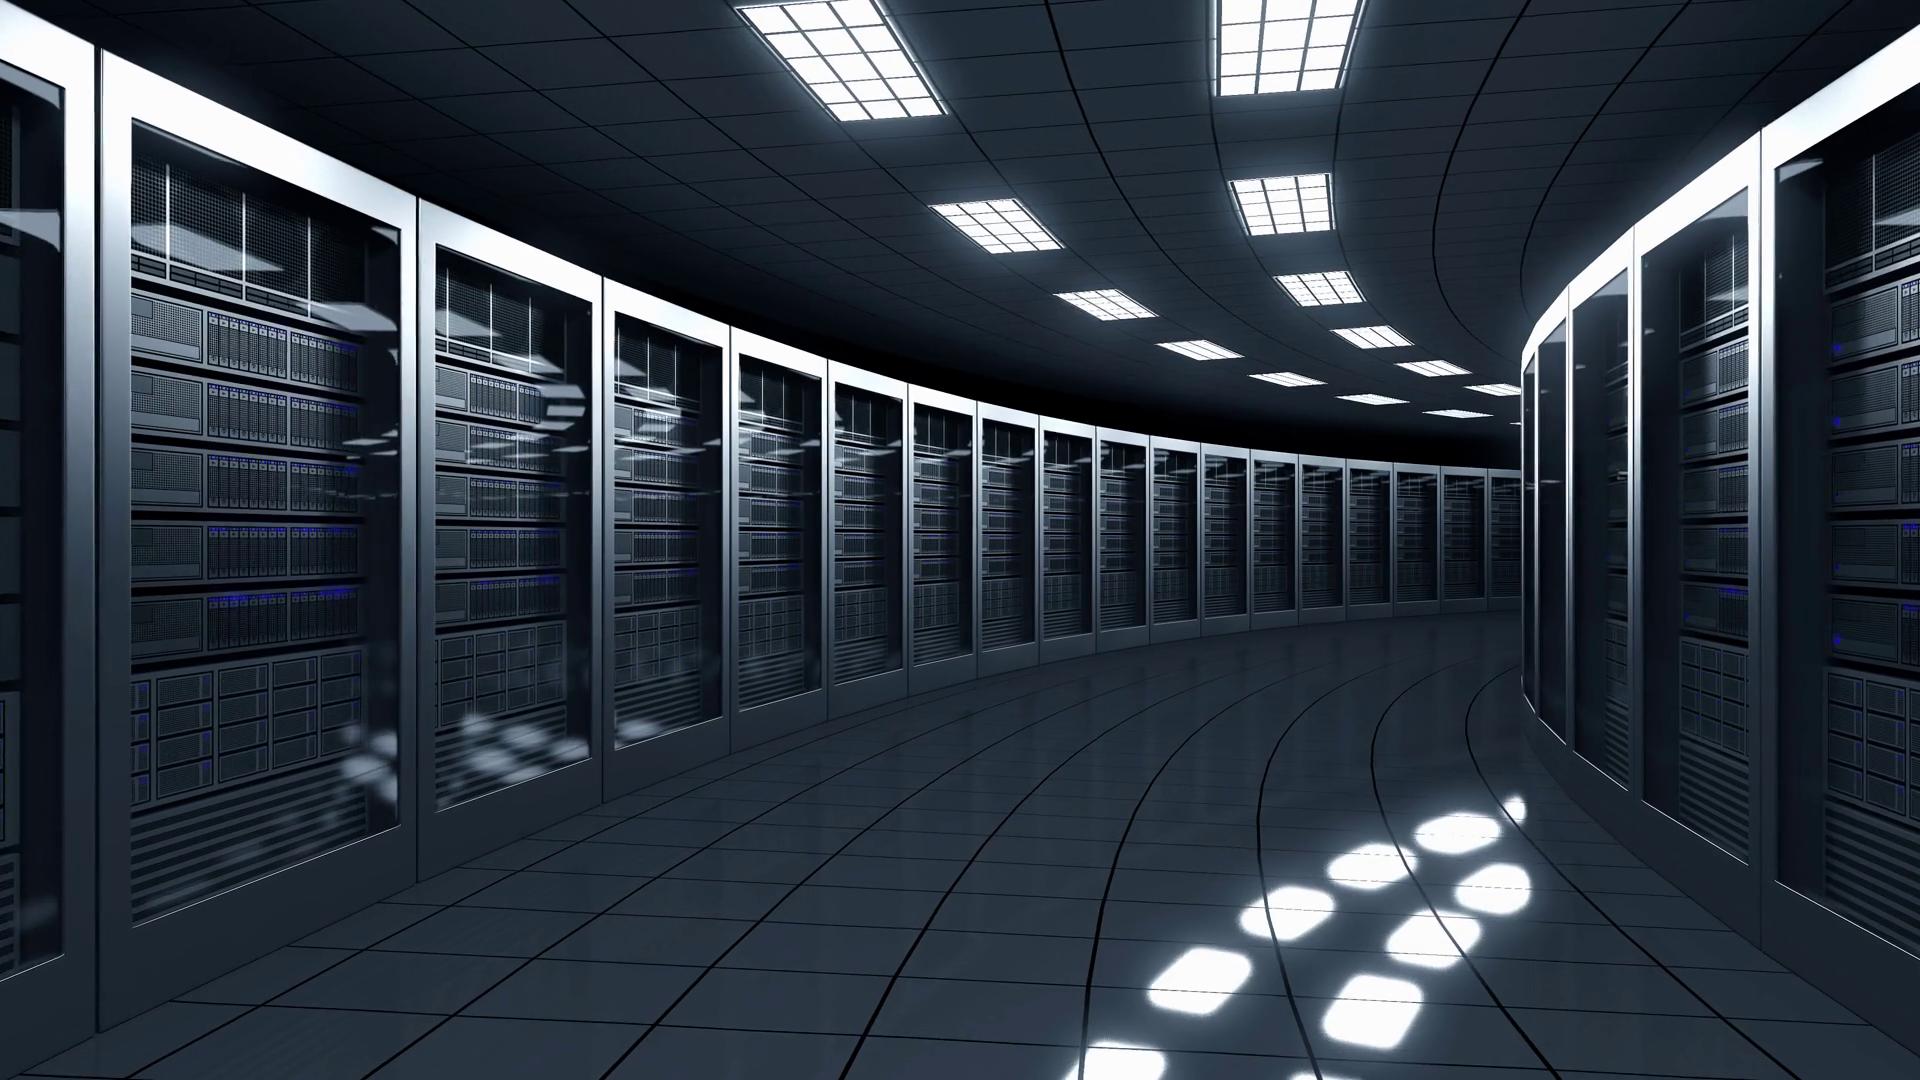 یو پی اس : تداوم جریان اطلاعات